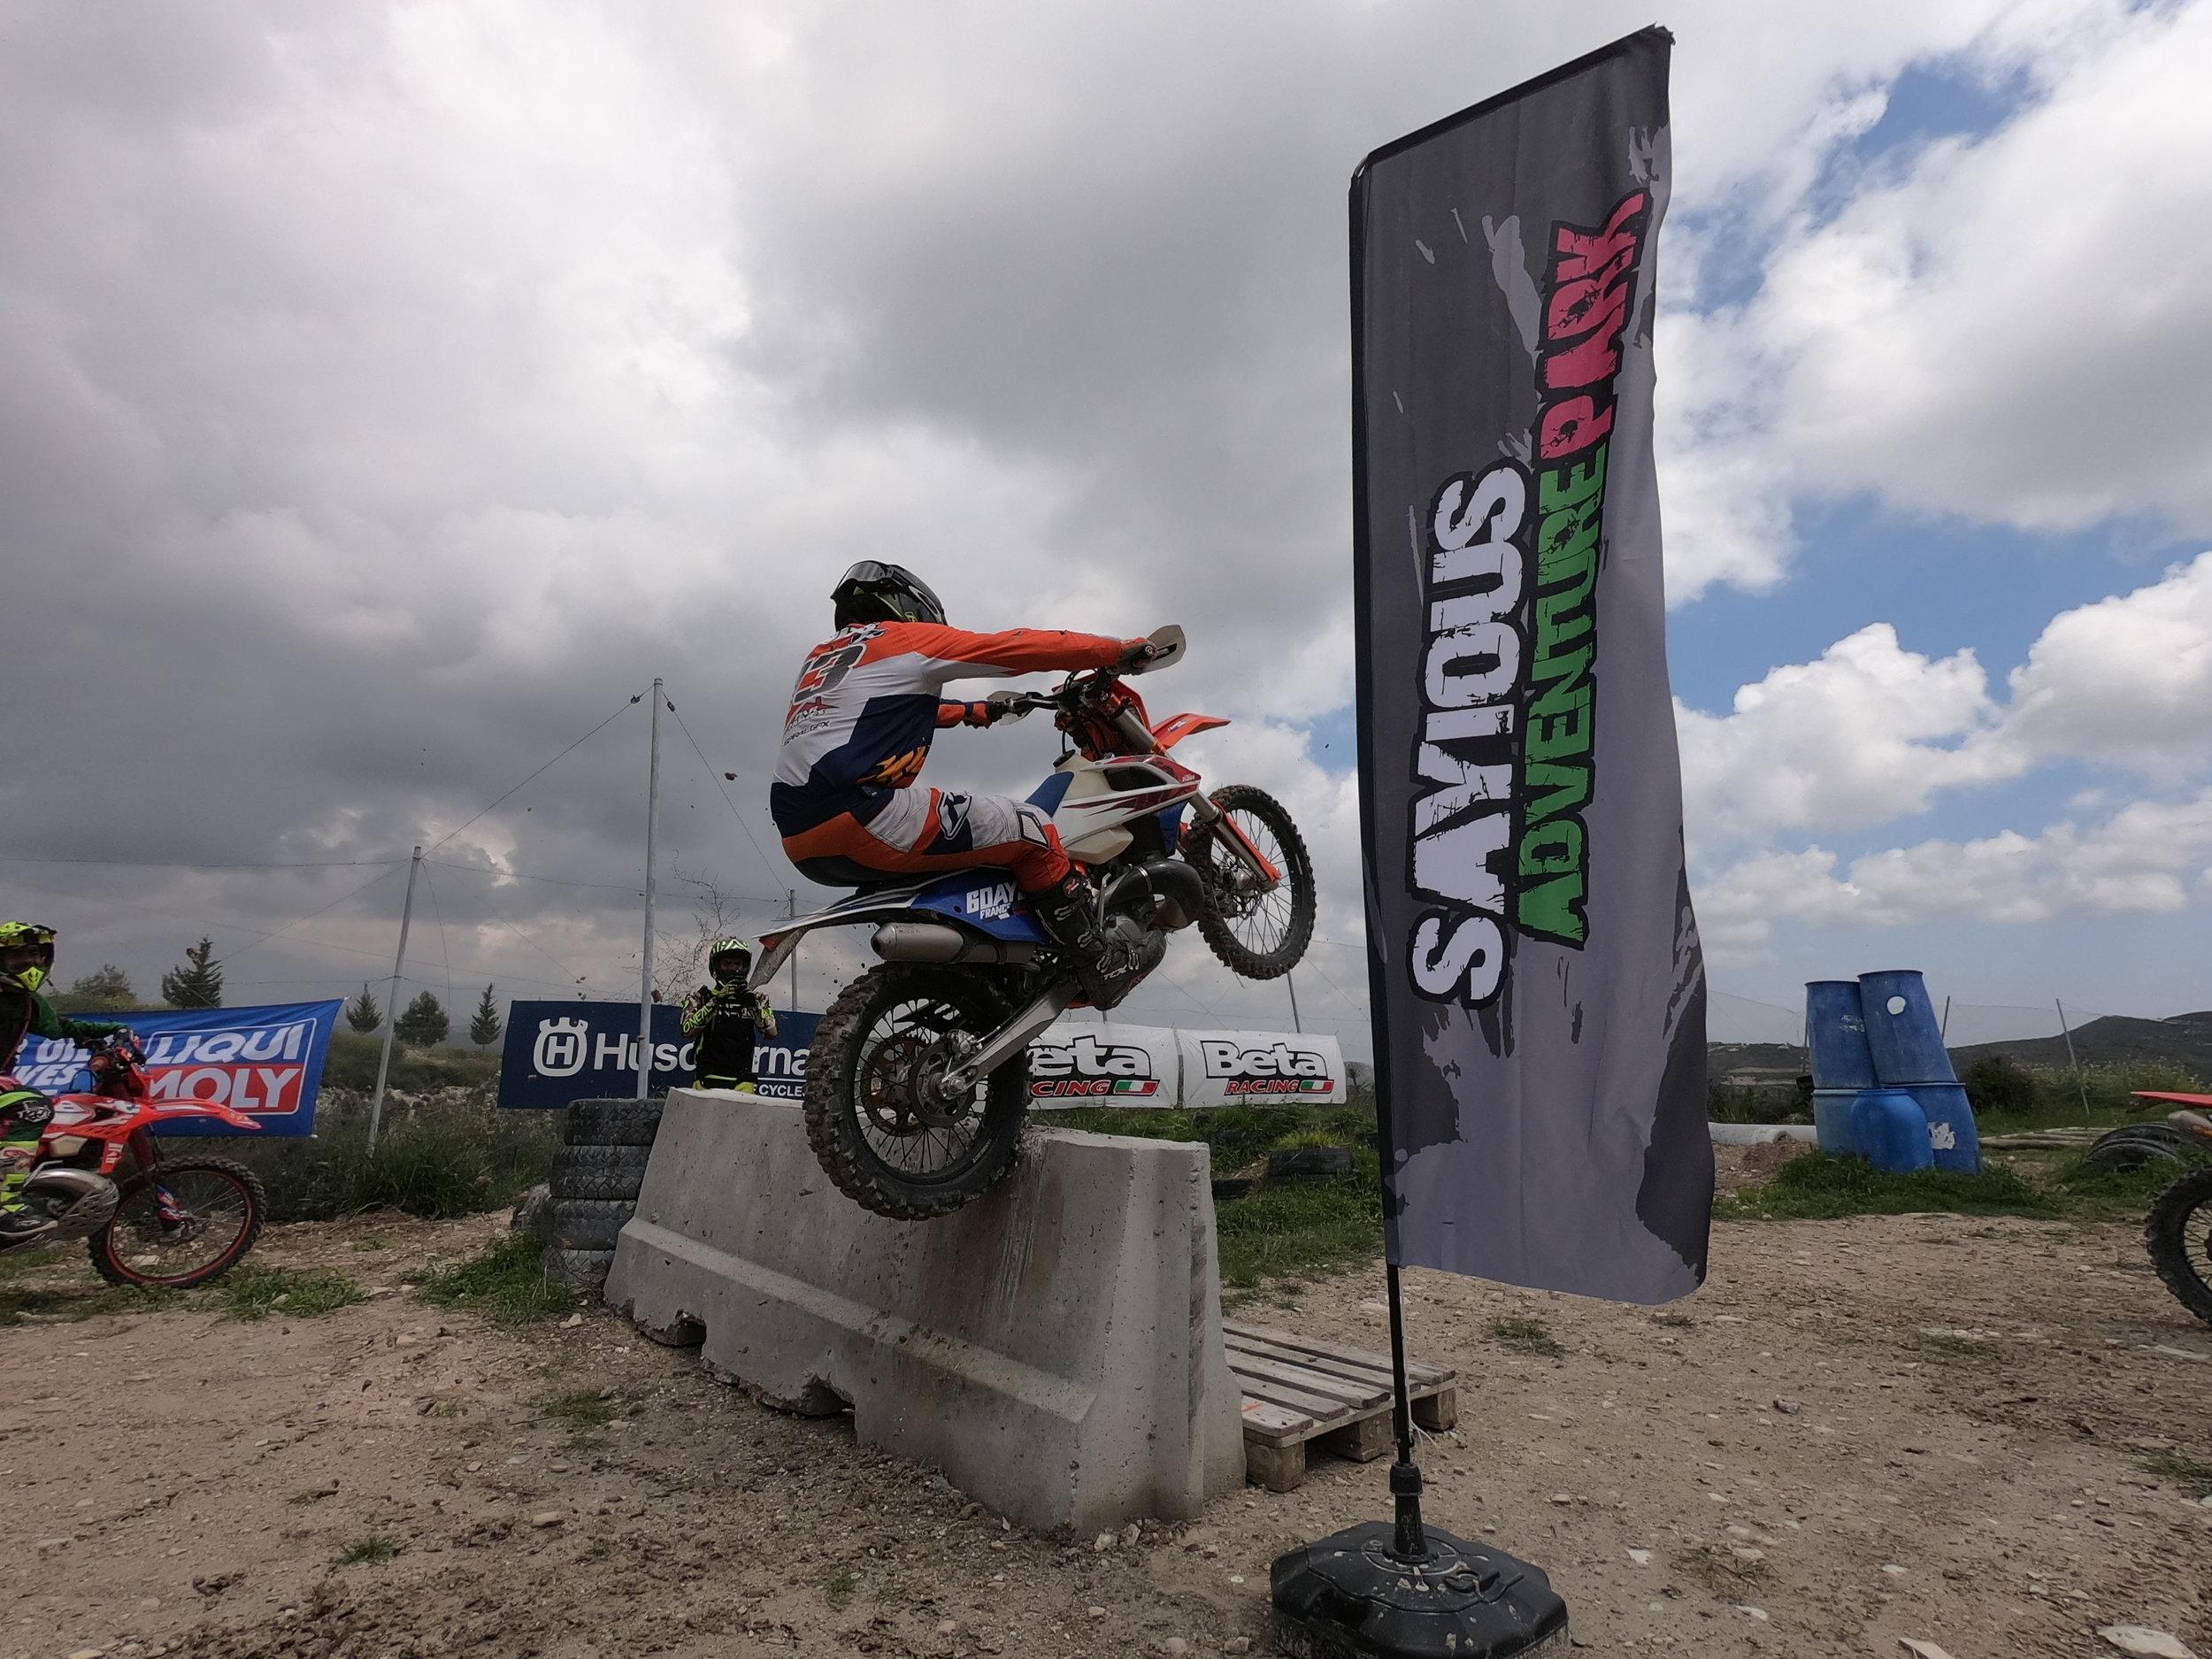 Paul bolton over a barrier